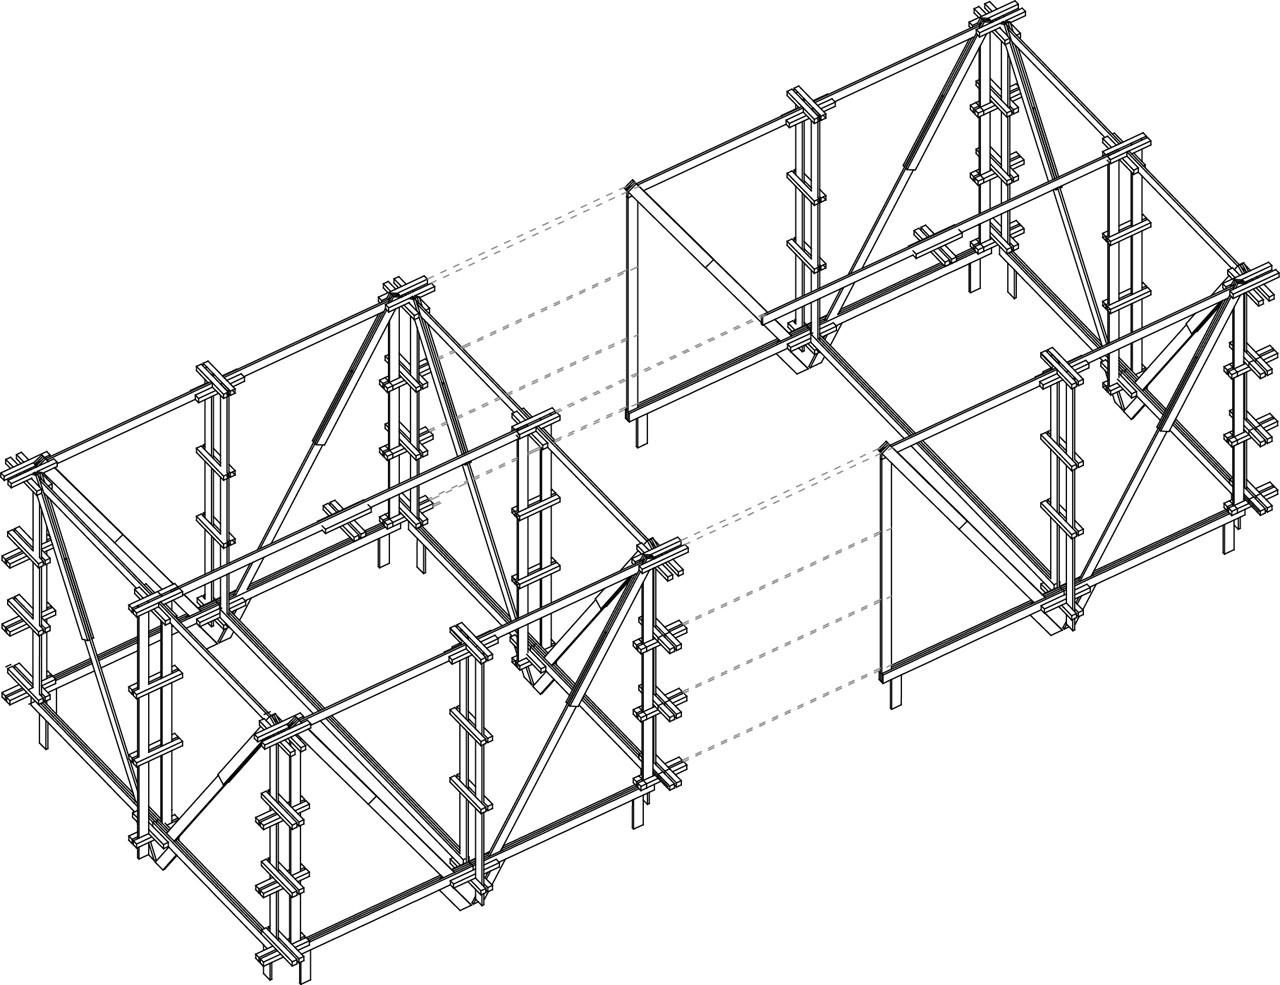 Acoplamiento Estructura. Image © Jorge Aguirre